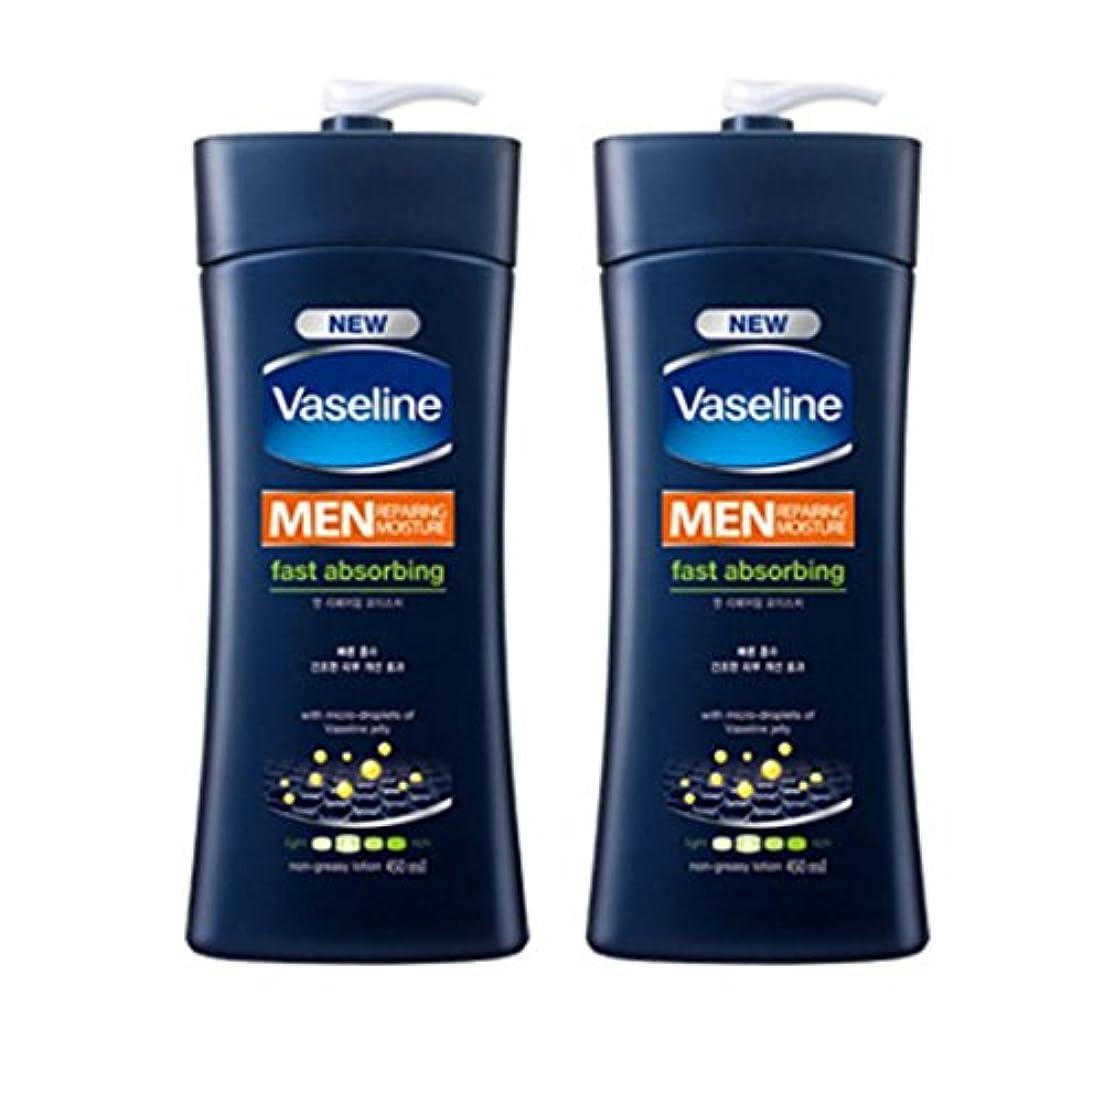 アナロジー素晴らしき駅ヴァセリン メンズ リペアリング モイスチャーローション(Vaseline Man Repairing Moisture Lotion) 450ml X 2個 [並行輸入品]